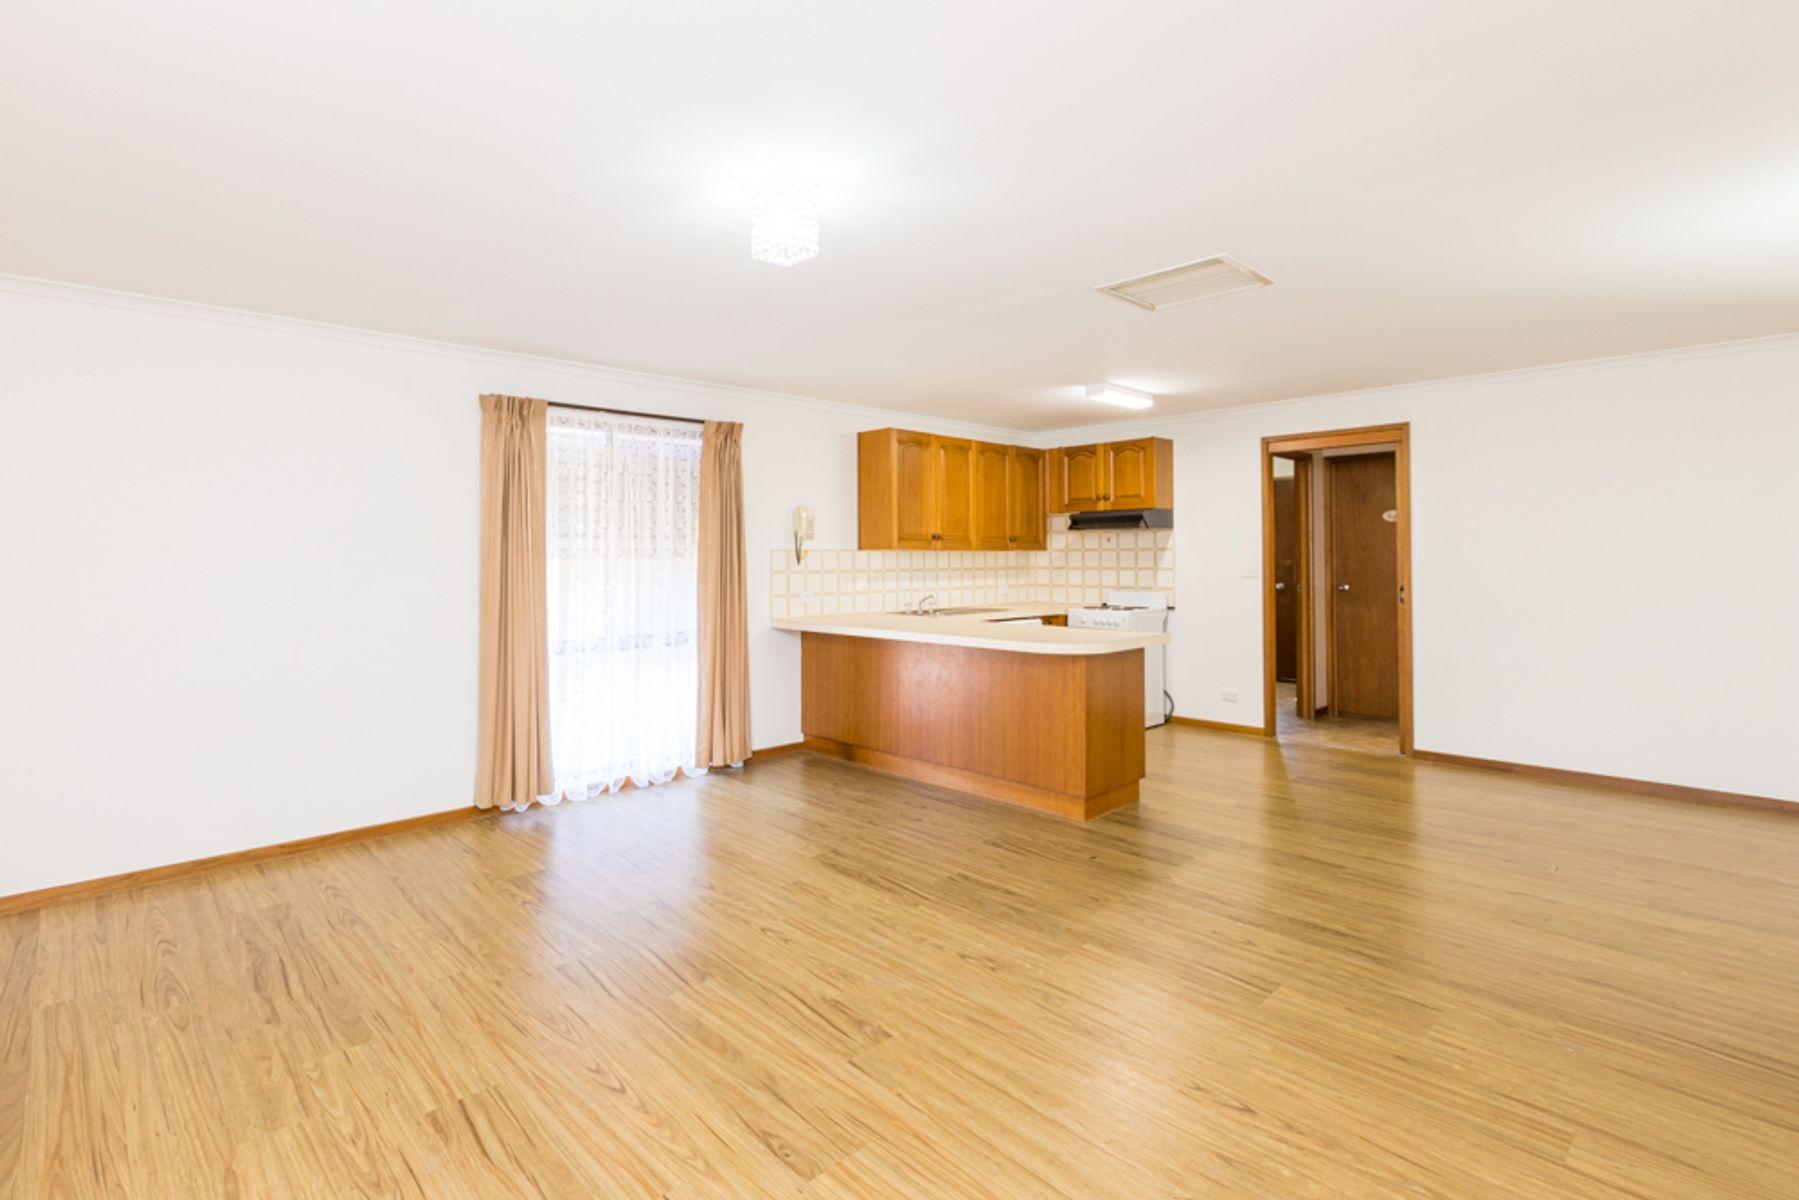 2/240 Deakin Avenue, Mildura, VIC 3500